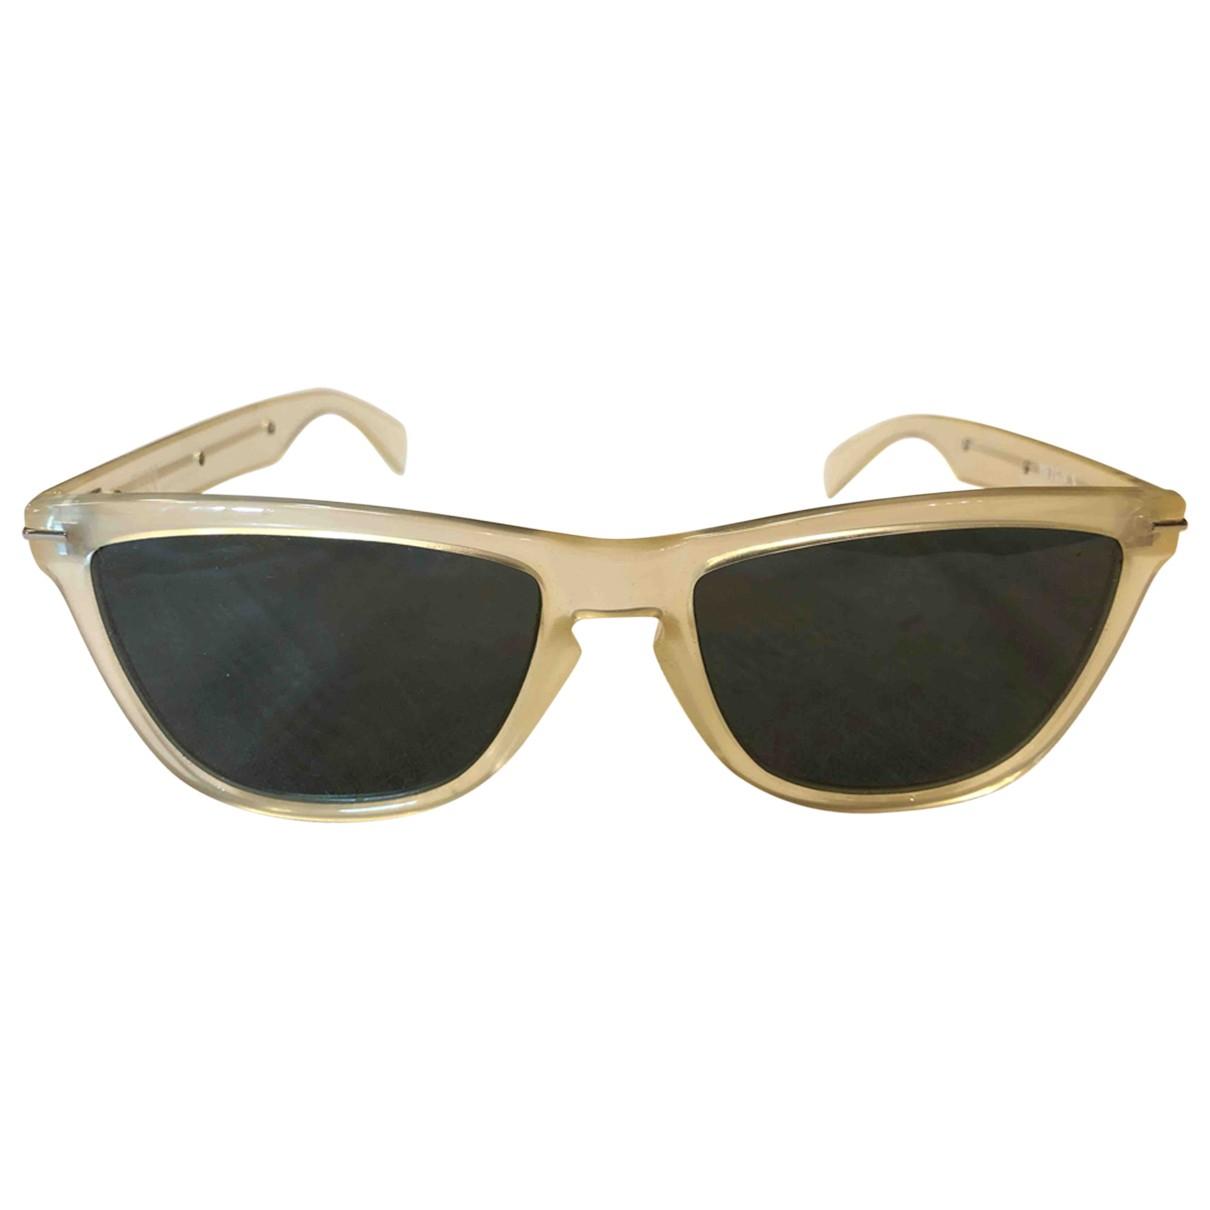 Gianni Versace - Lunettes   pour femme - beige